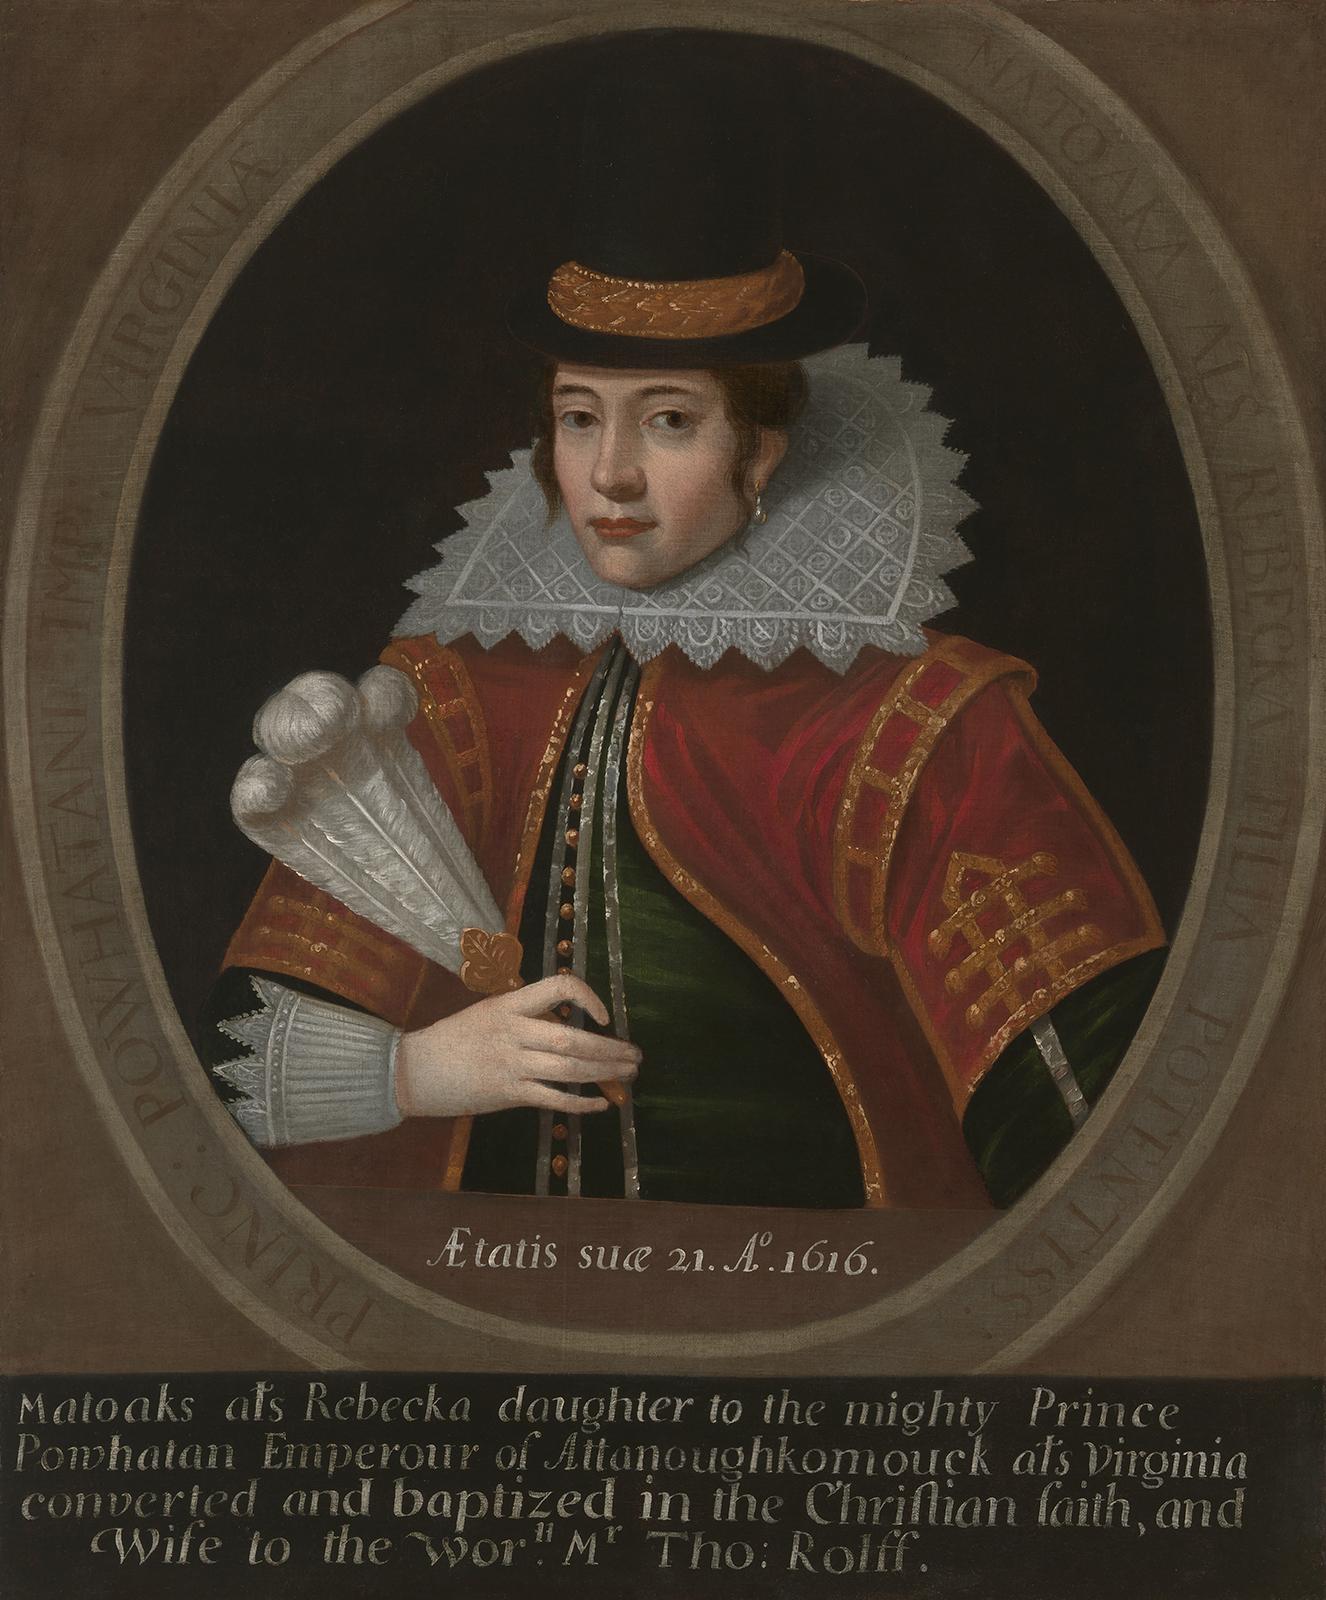 Pocahontas. Artist: Unidentified. Copy after: Simon van de Passe after 1616